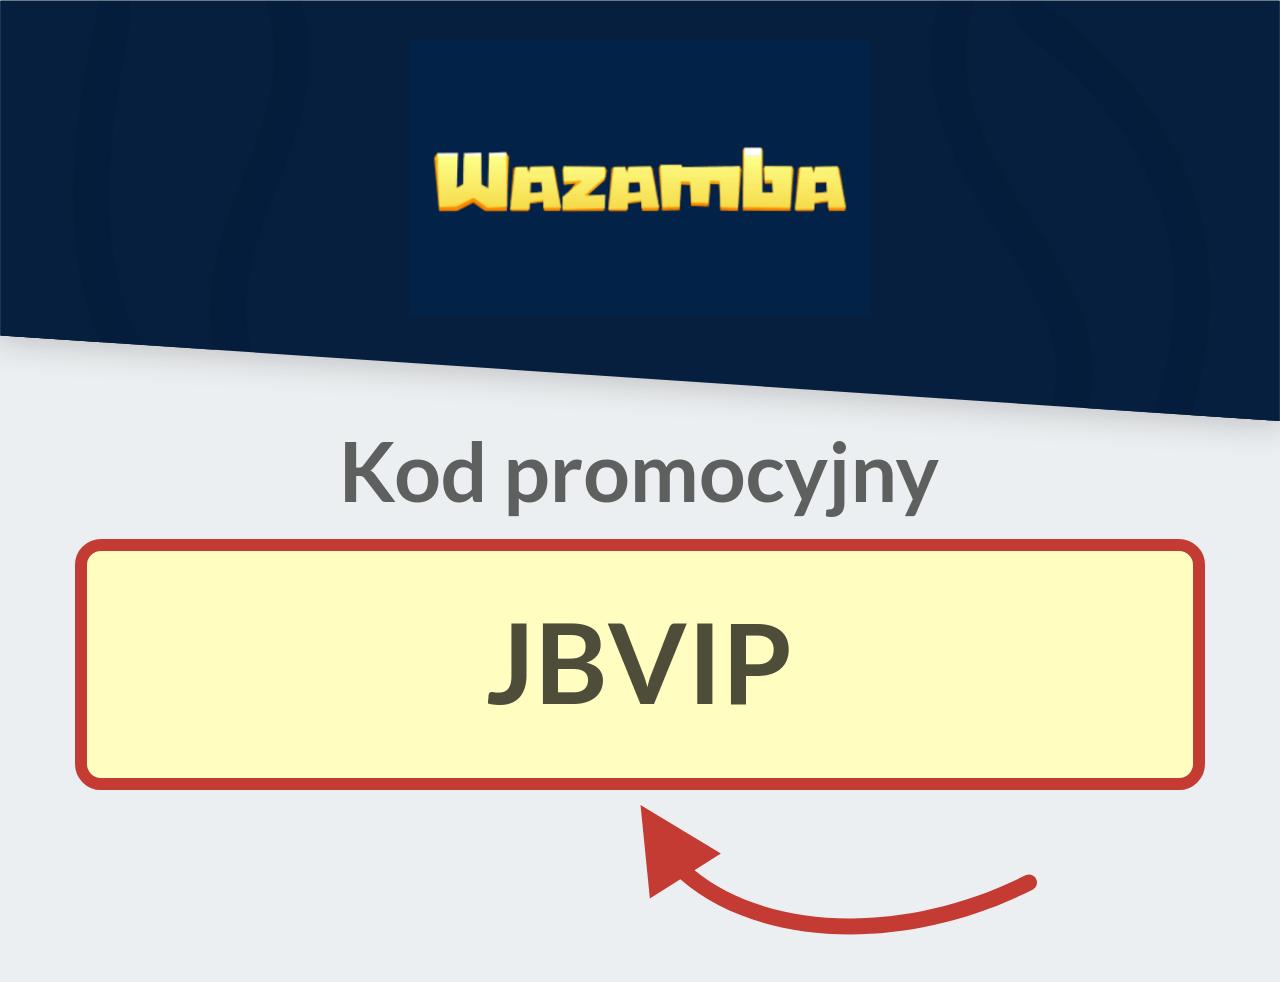 Wazamba Kod Promocyjny